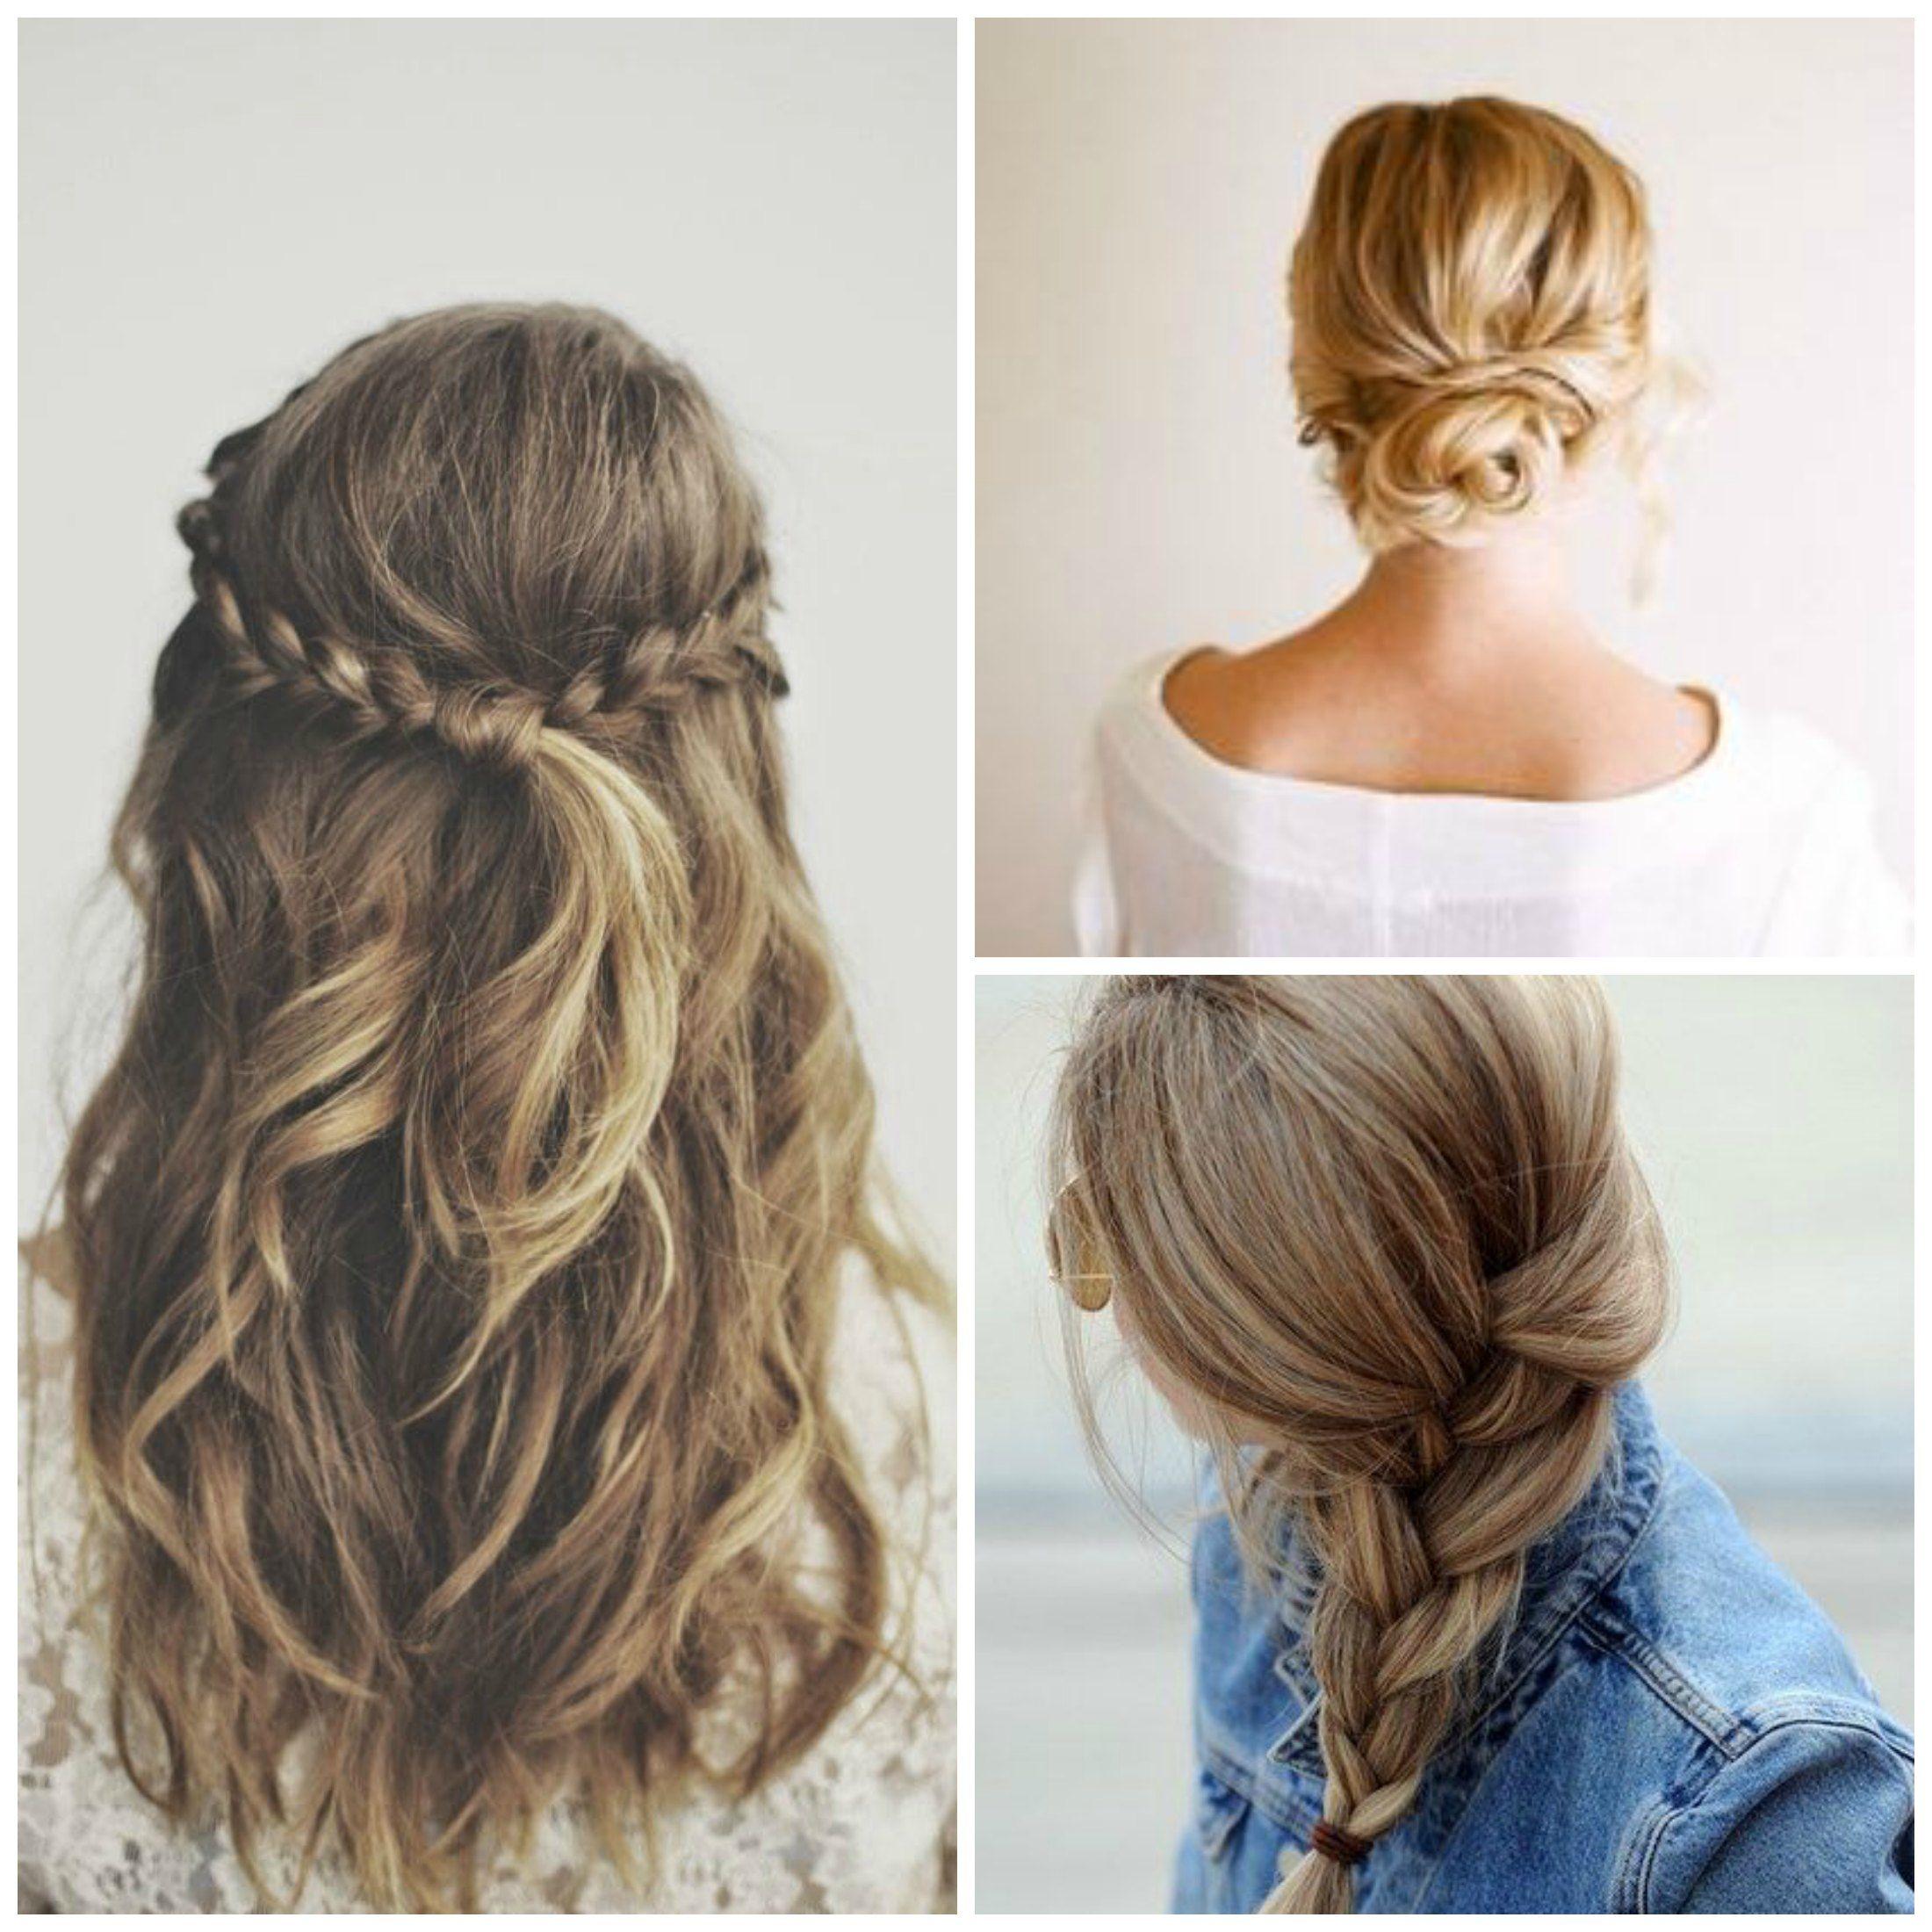 Peinados casuales paso a paso buscar con google - Peinados faciles recogidos paso a paso ...